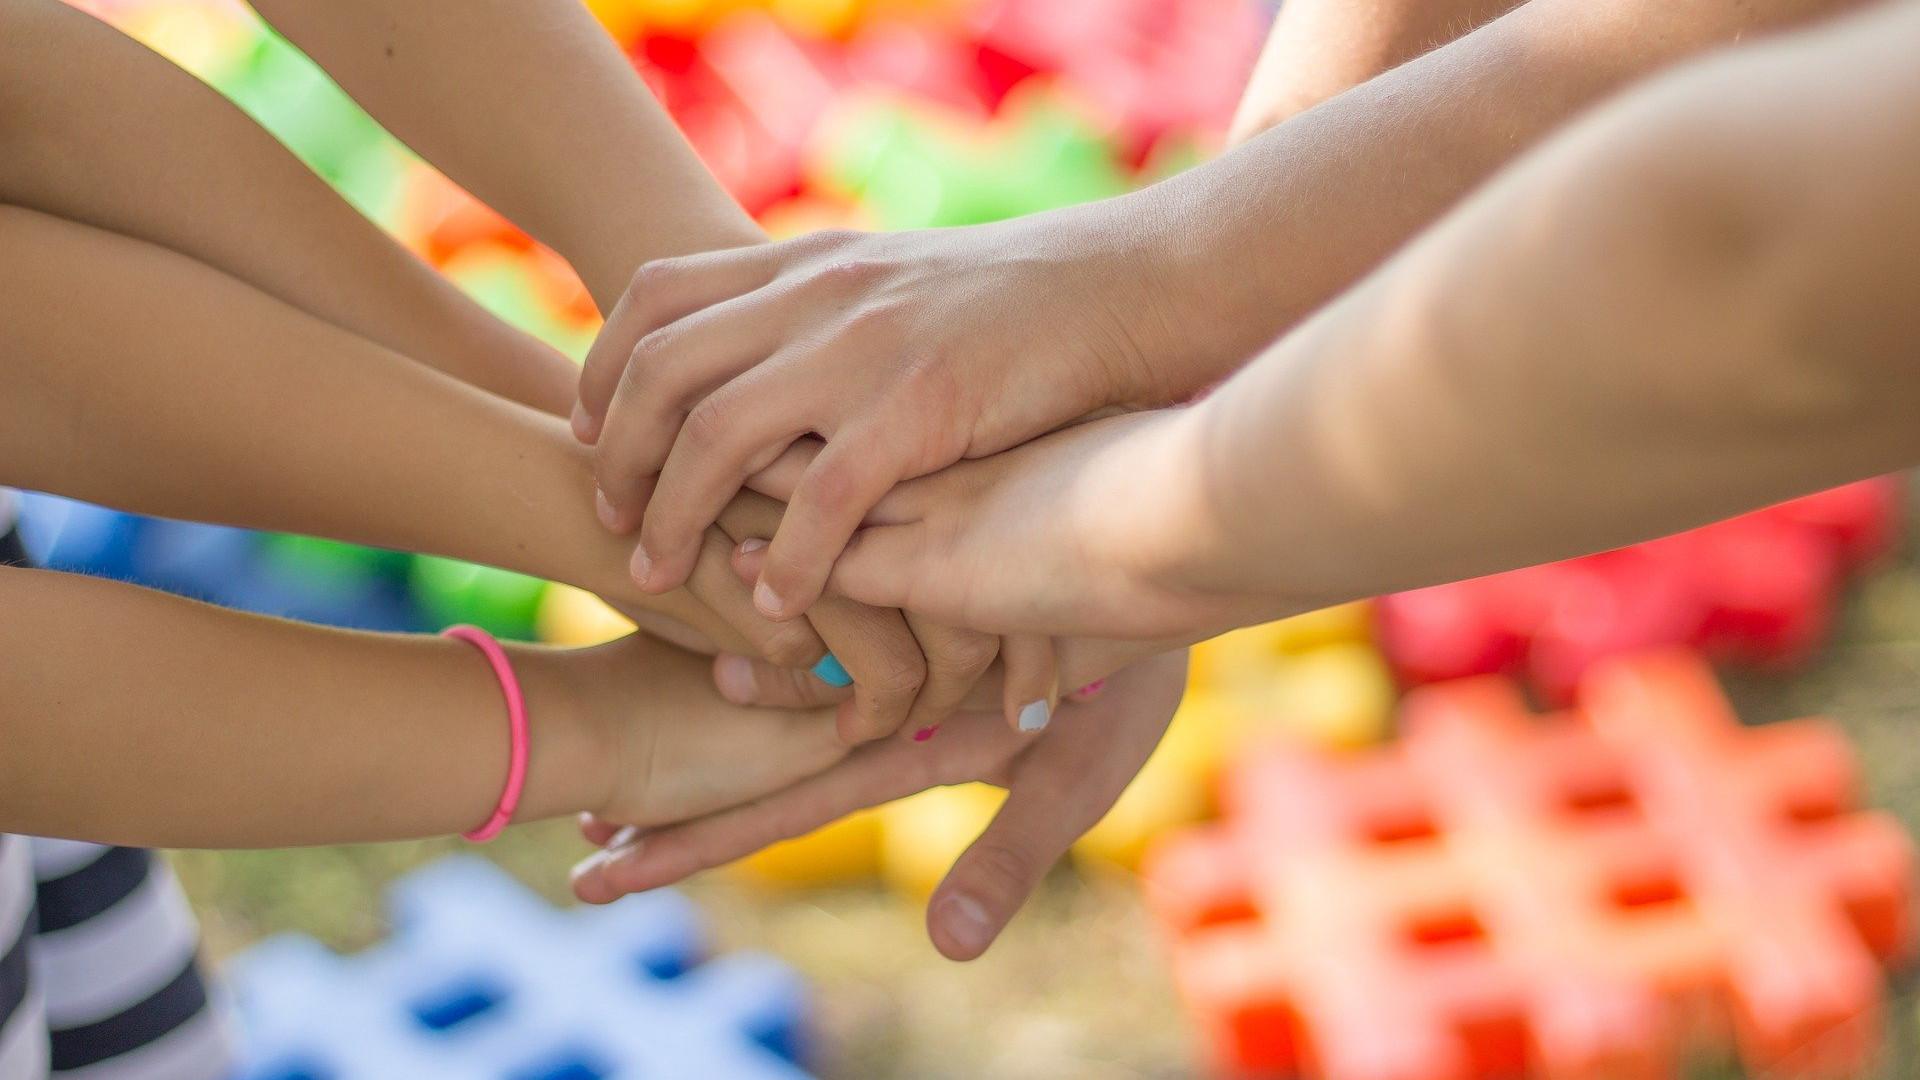 руки сложенные вместе